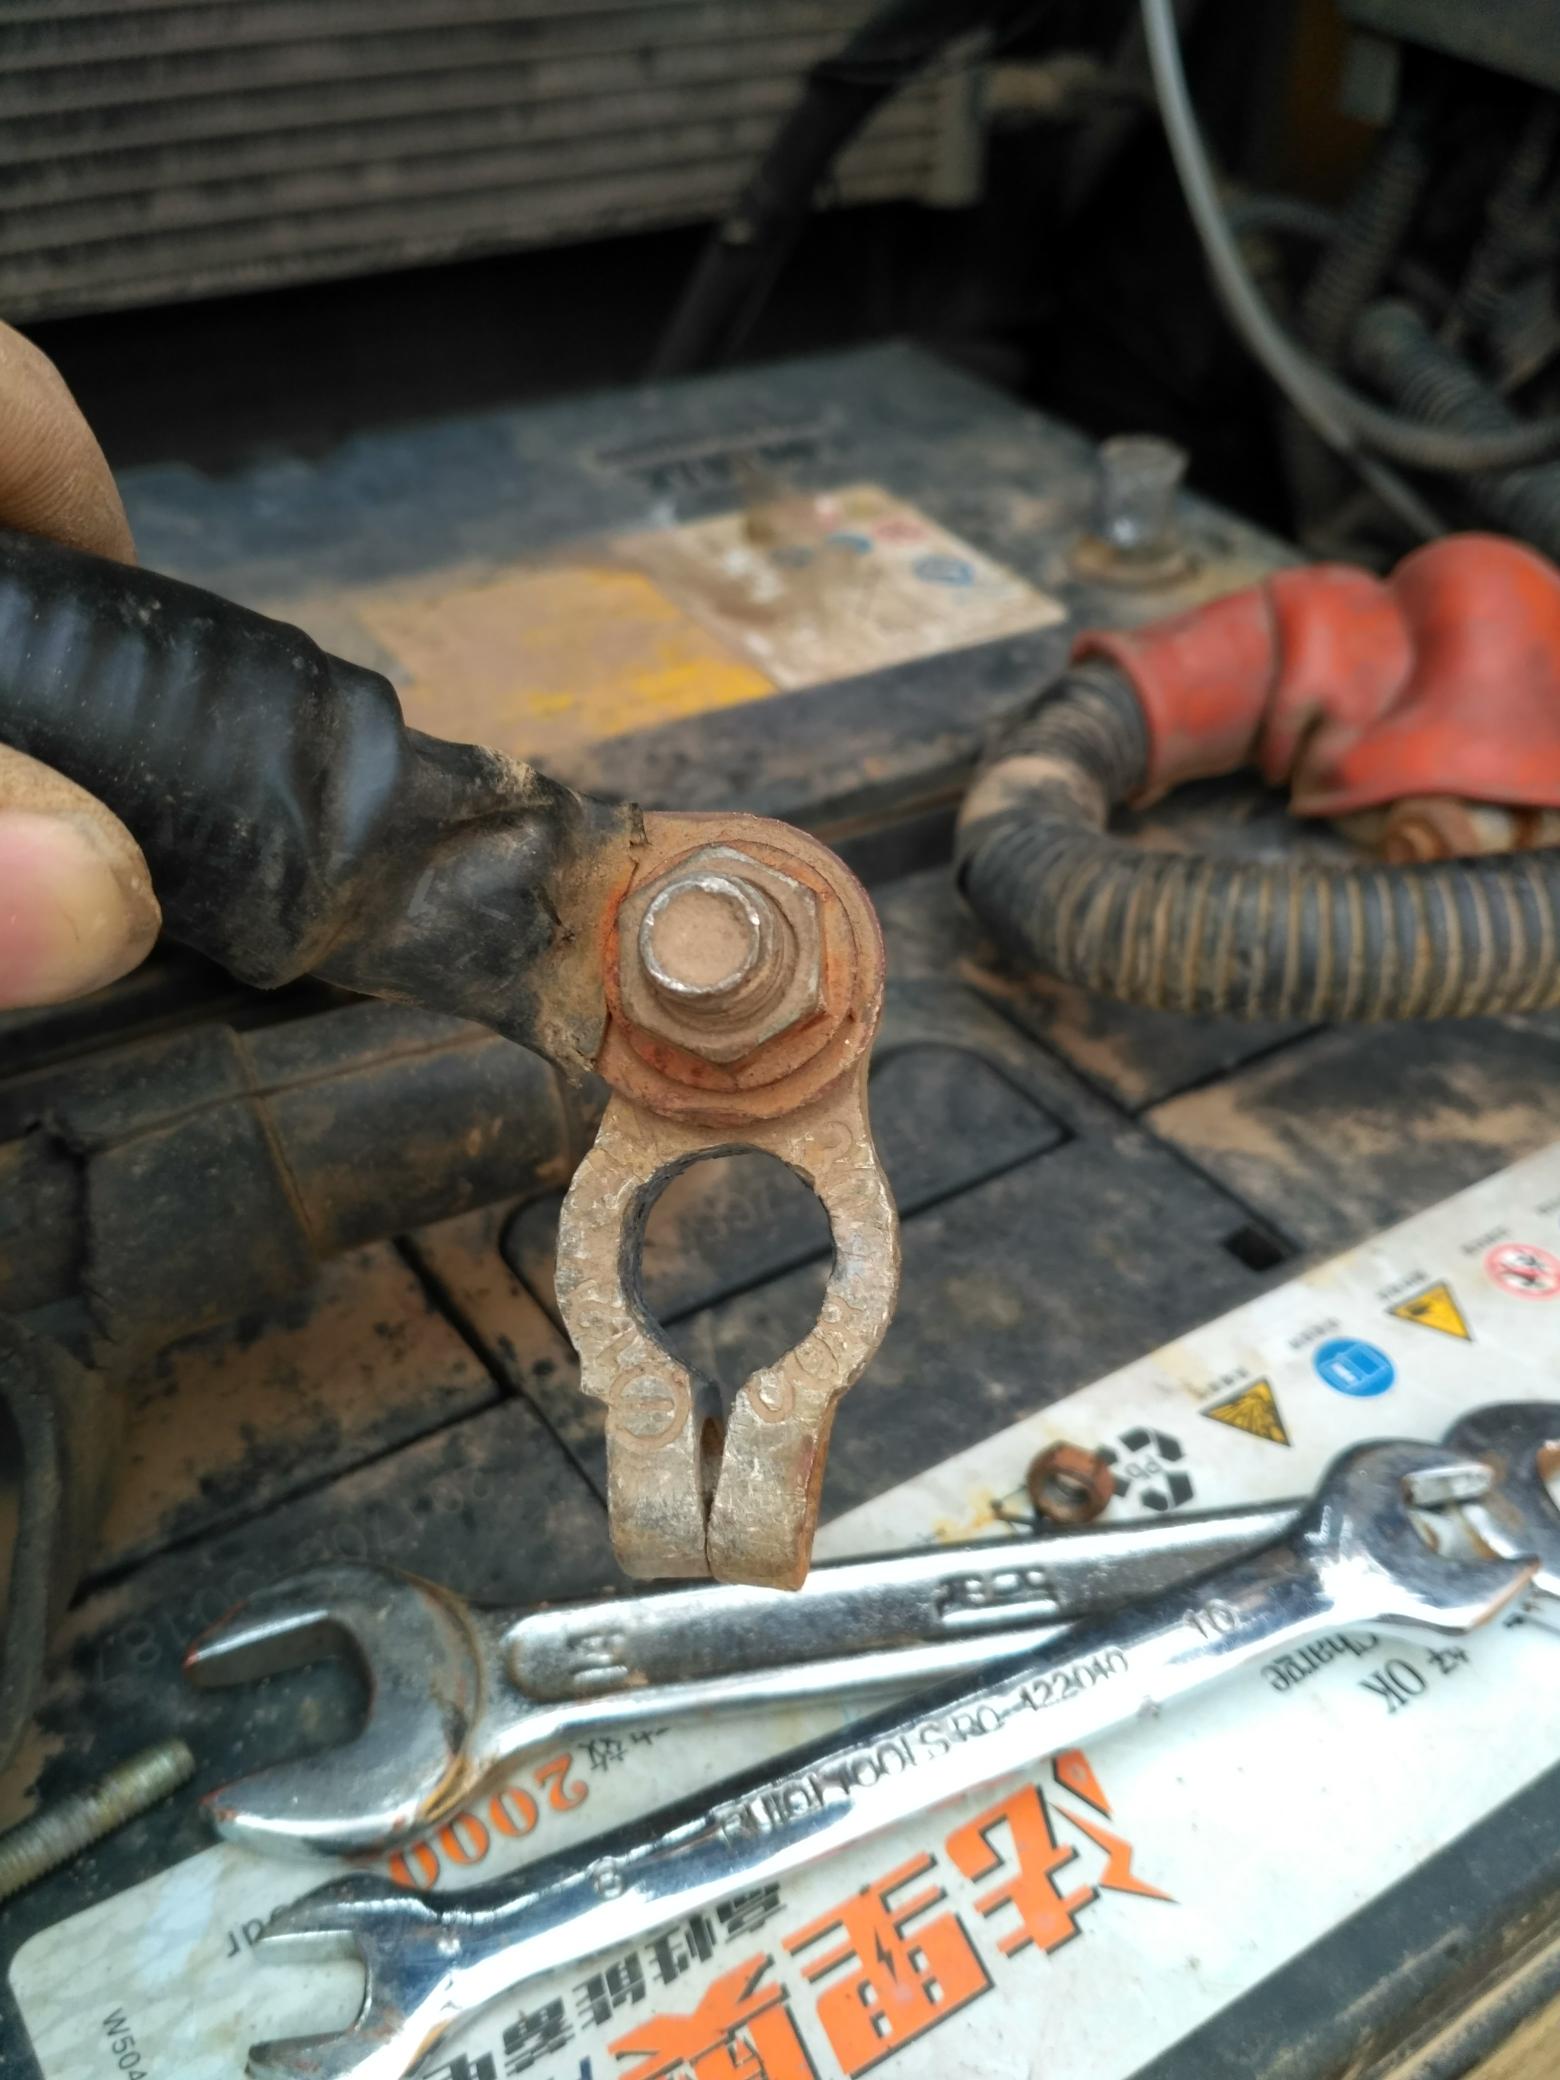 挖机电瓶桩头变细了,接触不良